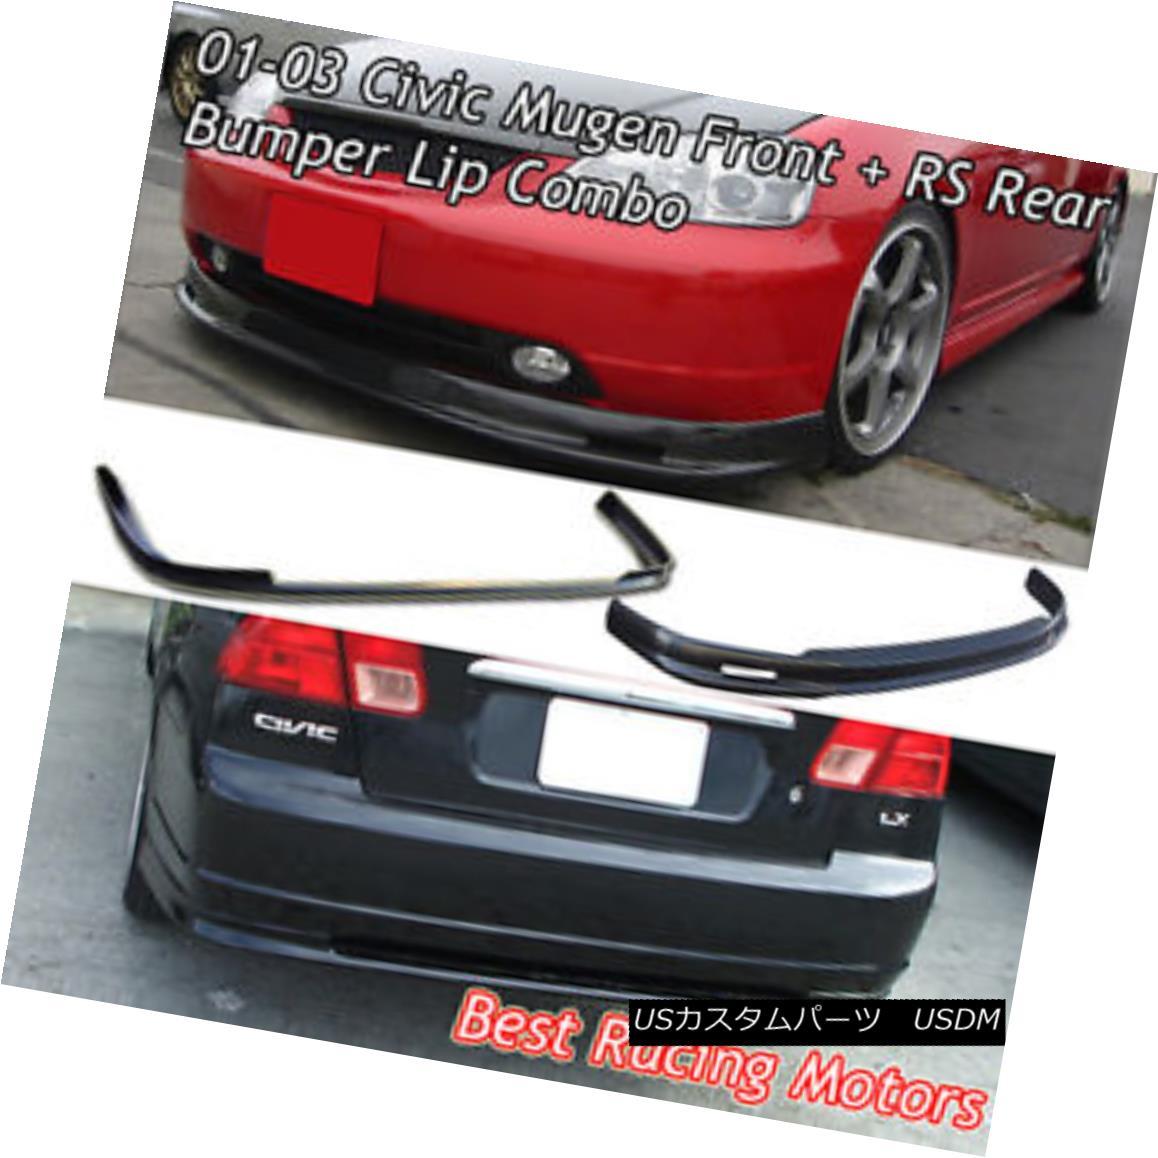 エアロパーツ Mu-gen Style Front (PU) + RS Style Rear Bumper Lip (PP) Fit 01-03 Civic 4dr ムーゲンスタイルフロント(PU)+ RSスタイルリアバンパーリップ(PP)フィット01-03シビック4dr